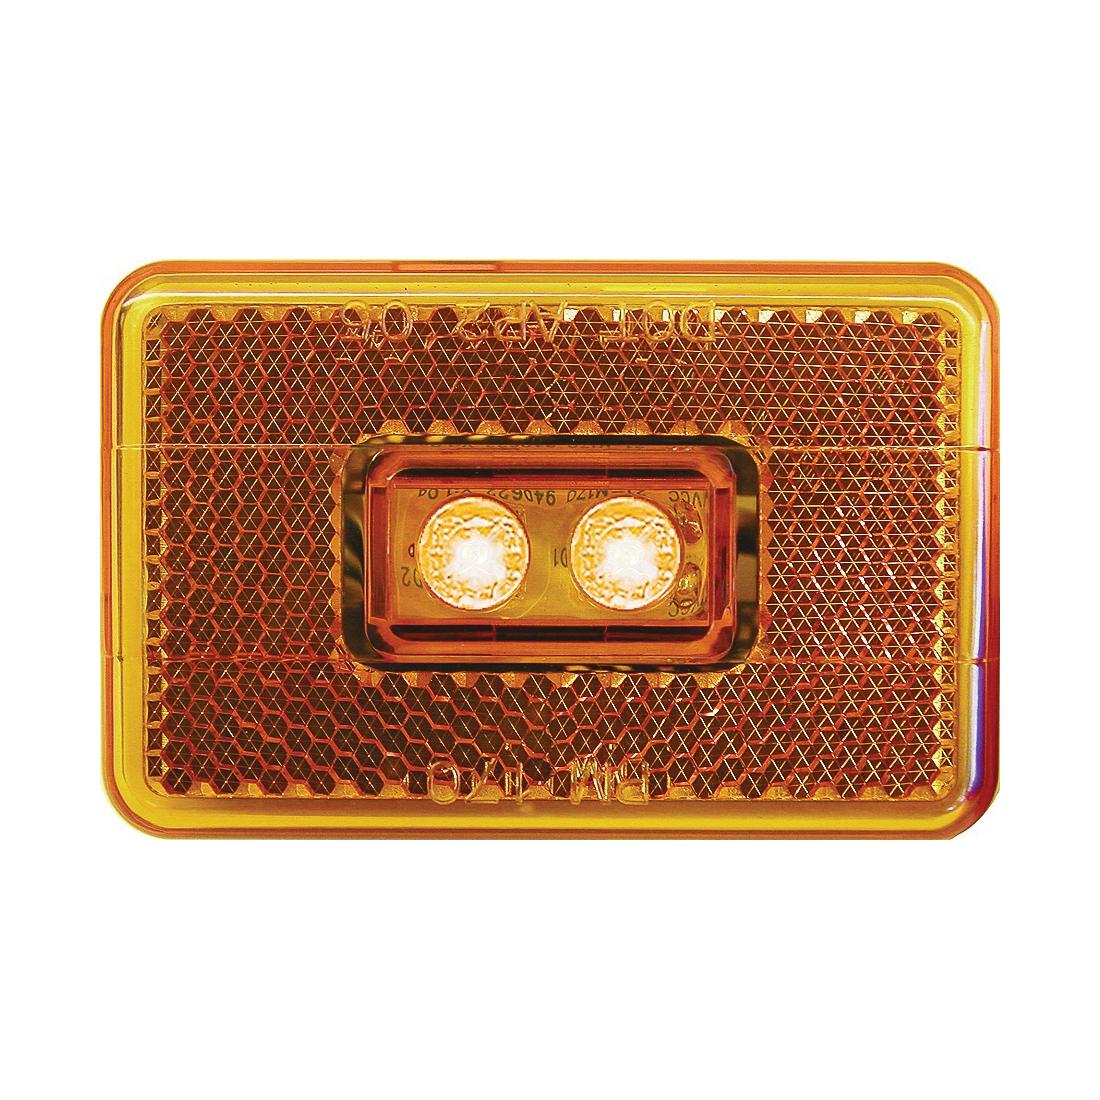 Picture of PM V170A Marker Light, 9/16 V, 2 -Lamp, LED Lamp, Amber Lamp